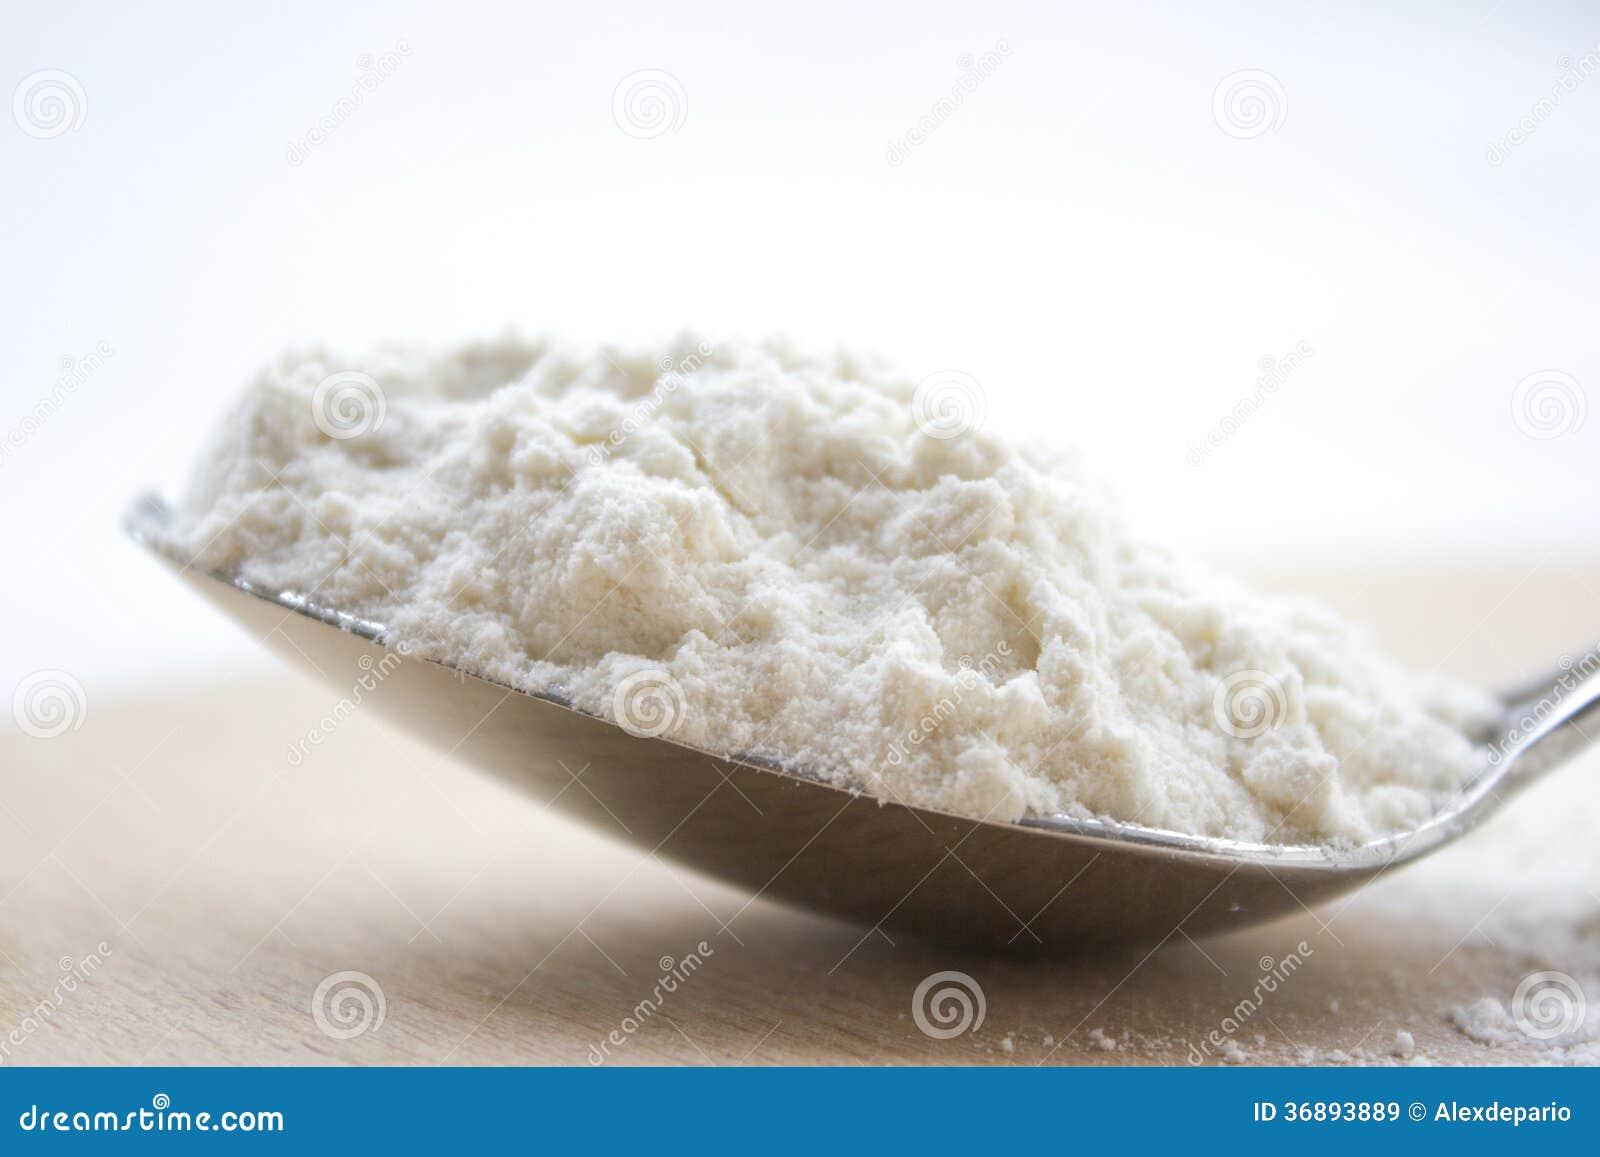 Download Cucchiaio della farina immagine stock. Immagine di breakfast - 36893889